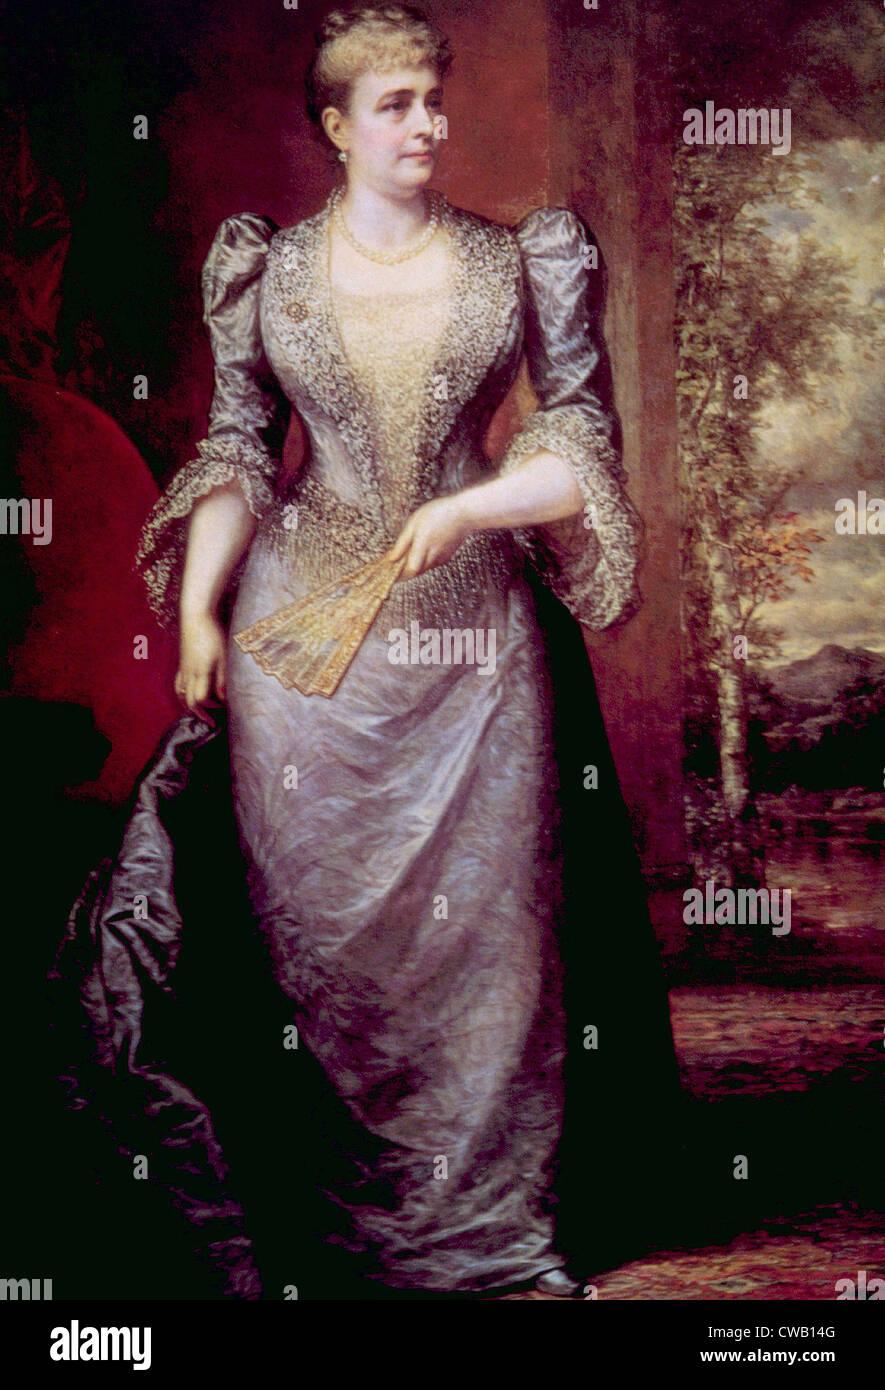 Caroline Harrison (1832-1892), la Primera Dama (1889-1892) Imagen De Stock